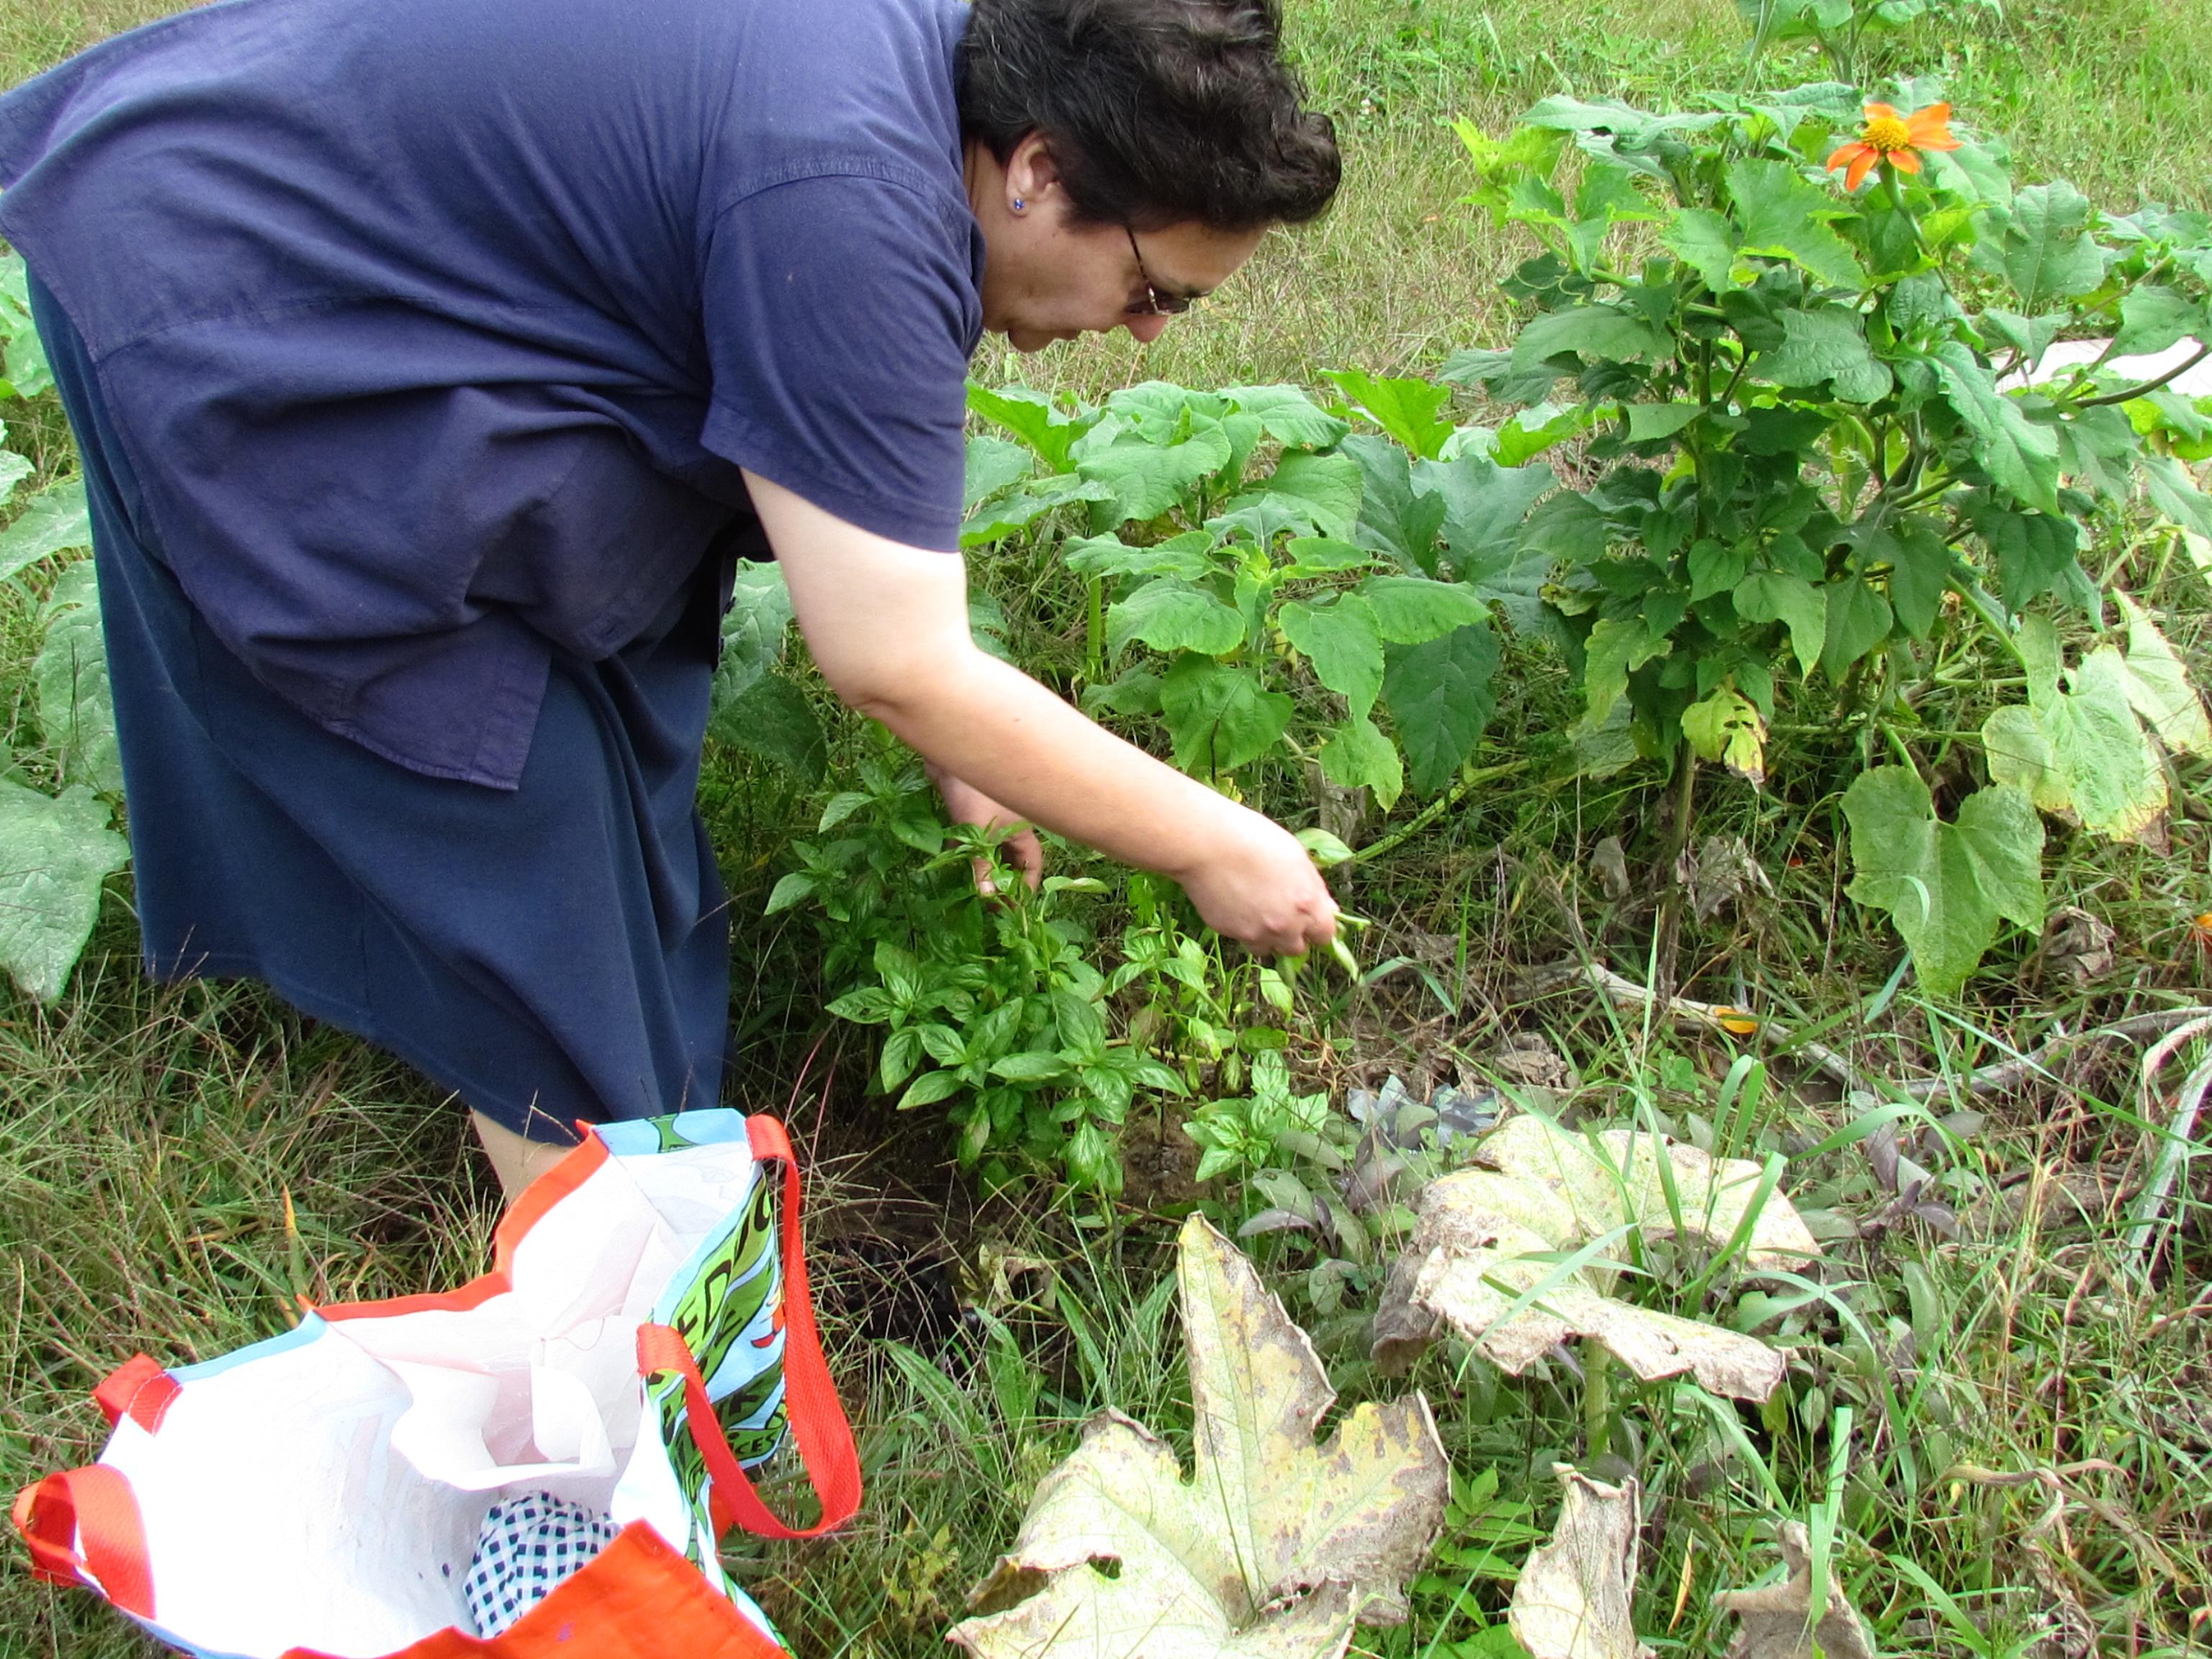 Maria Lazo cuida la huerta del rondout en Kingston. Foto de Lynn Woods